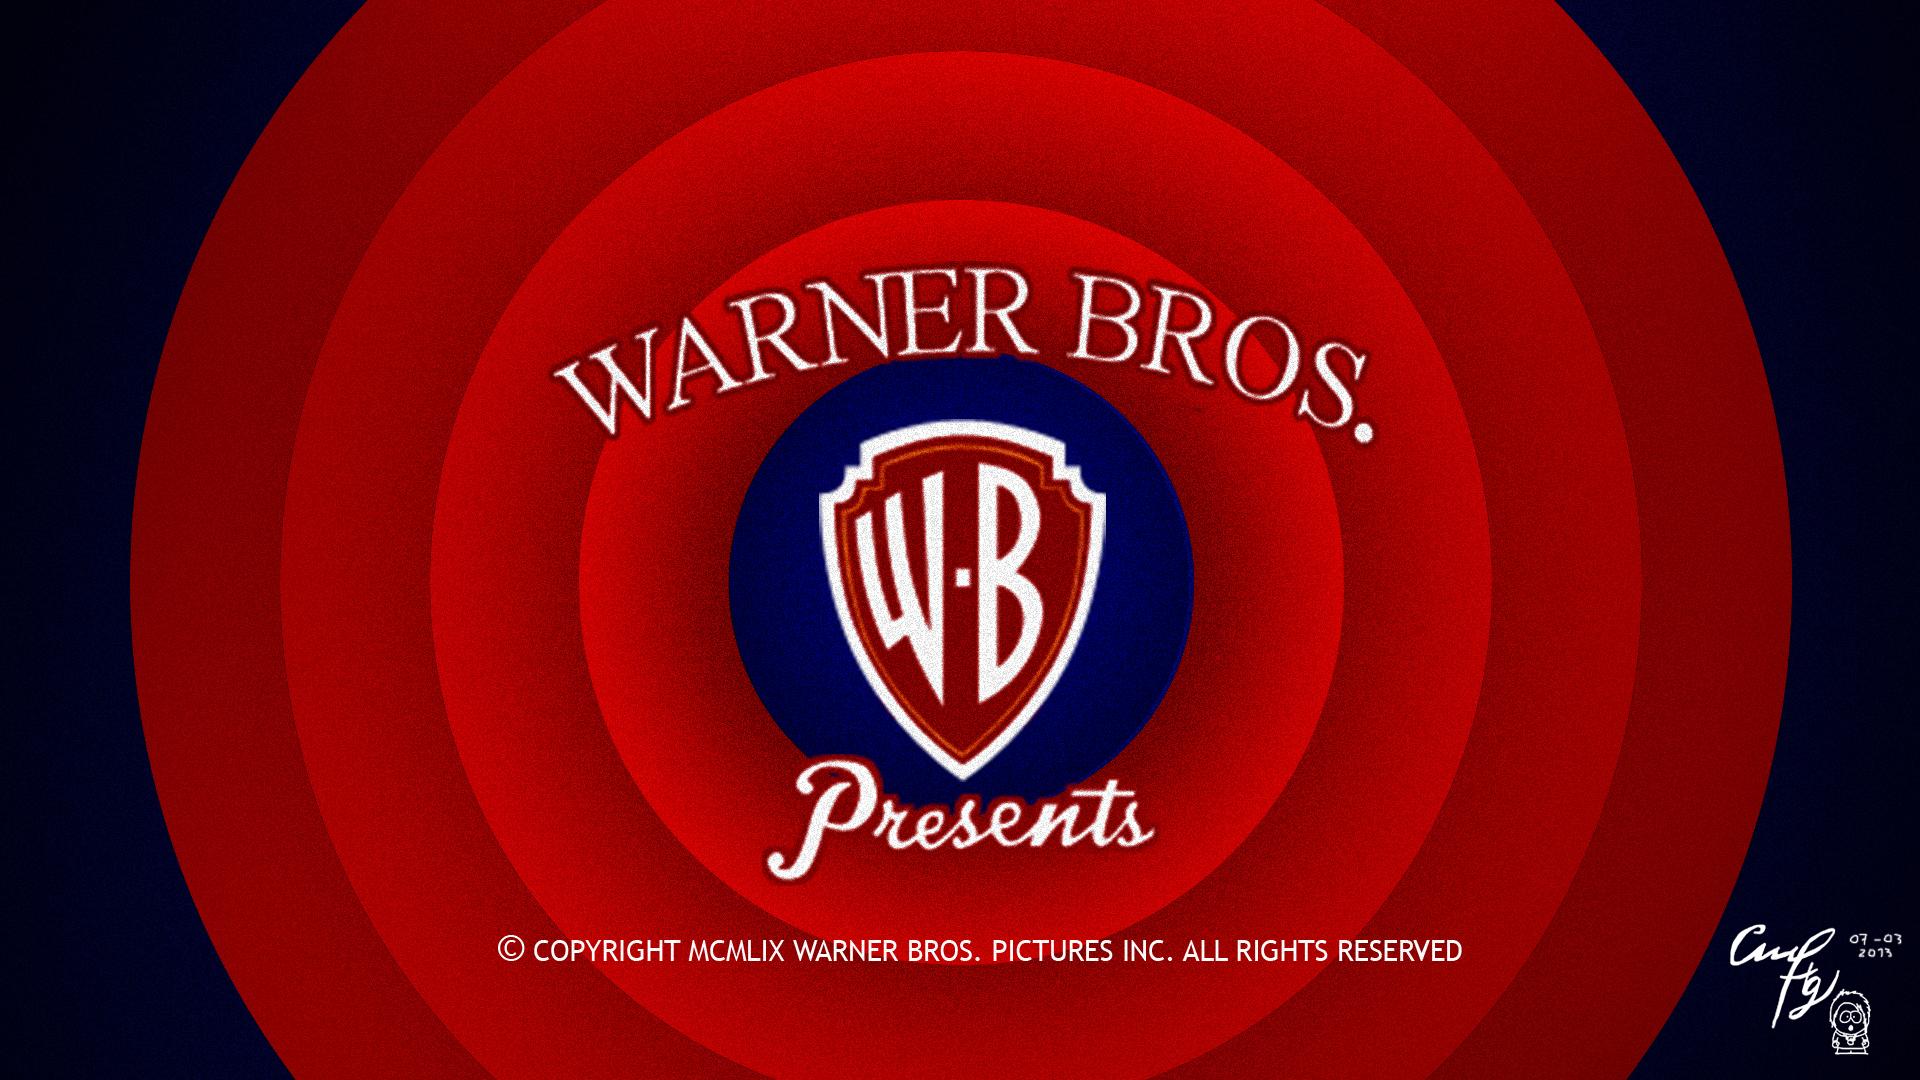 Dogatemyshrooms 130 50 Warner Bros Presents (looney Tunes) (hd Remake) By  Hercamiam